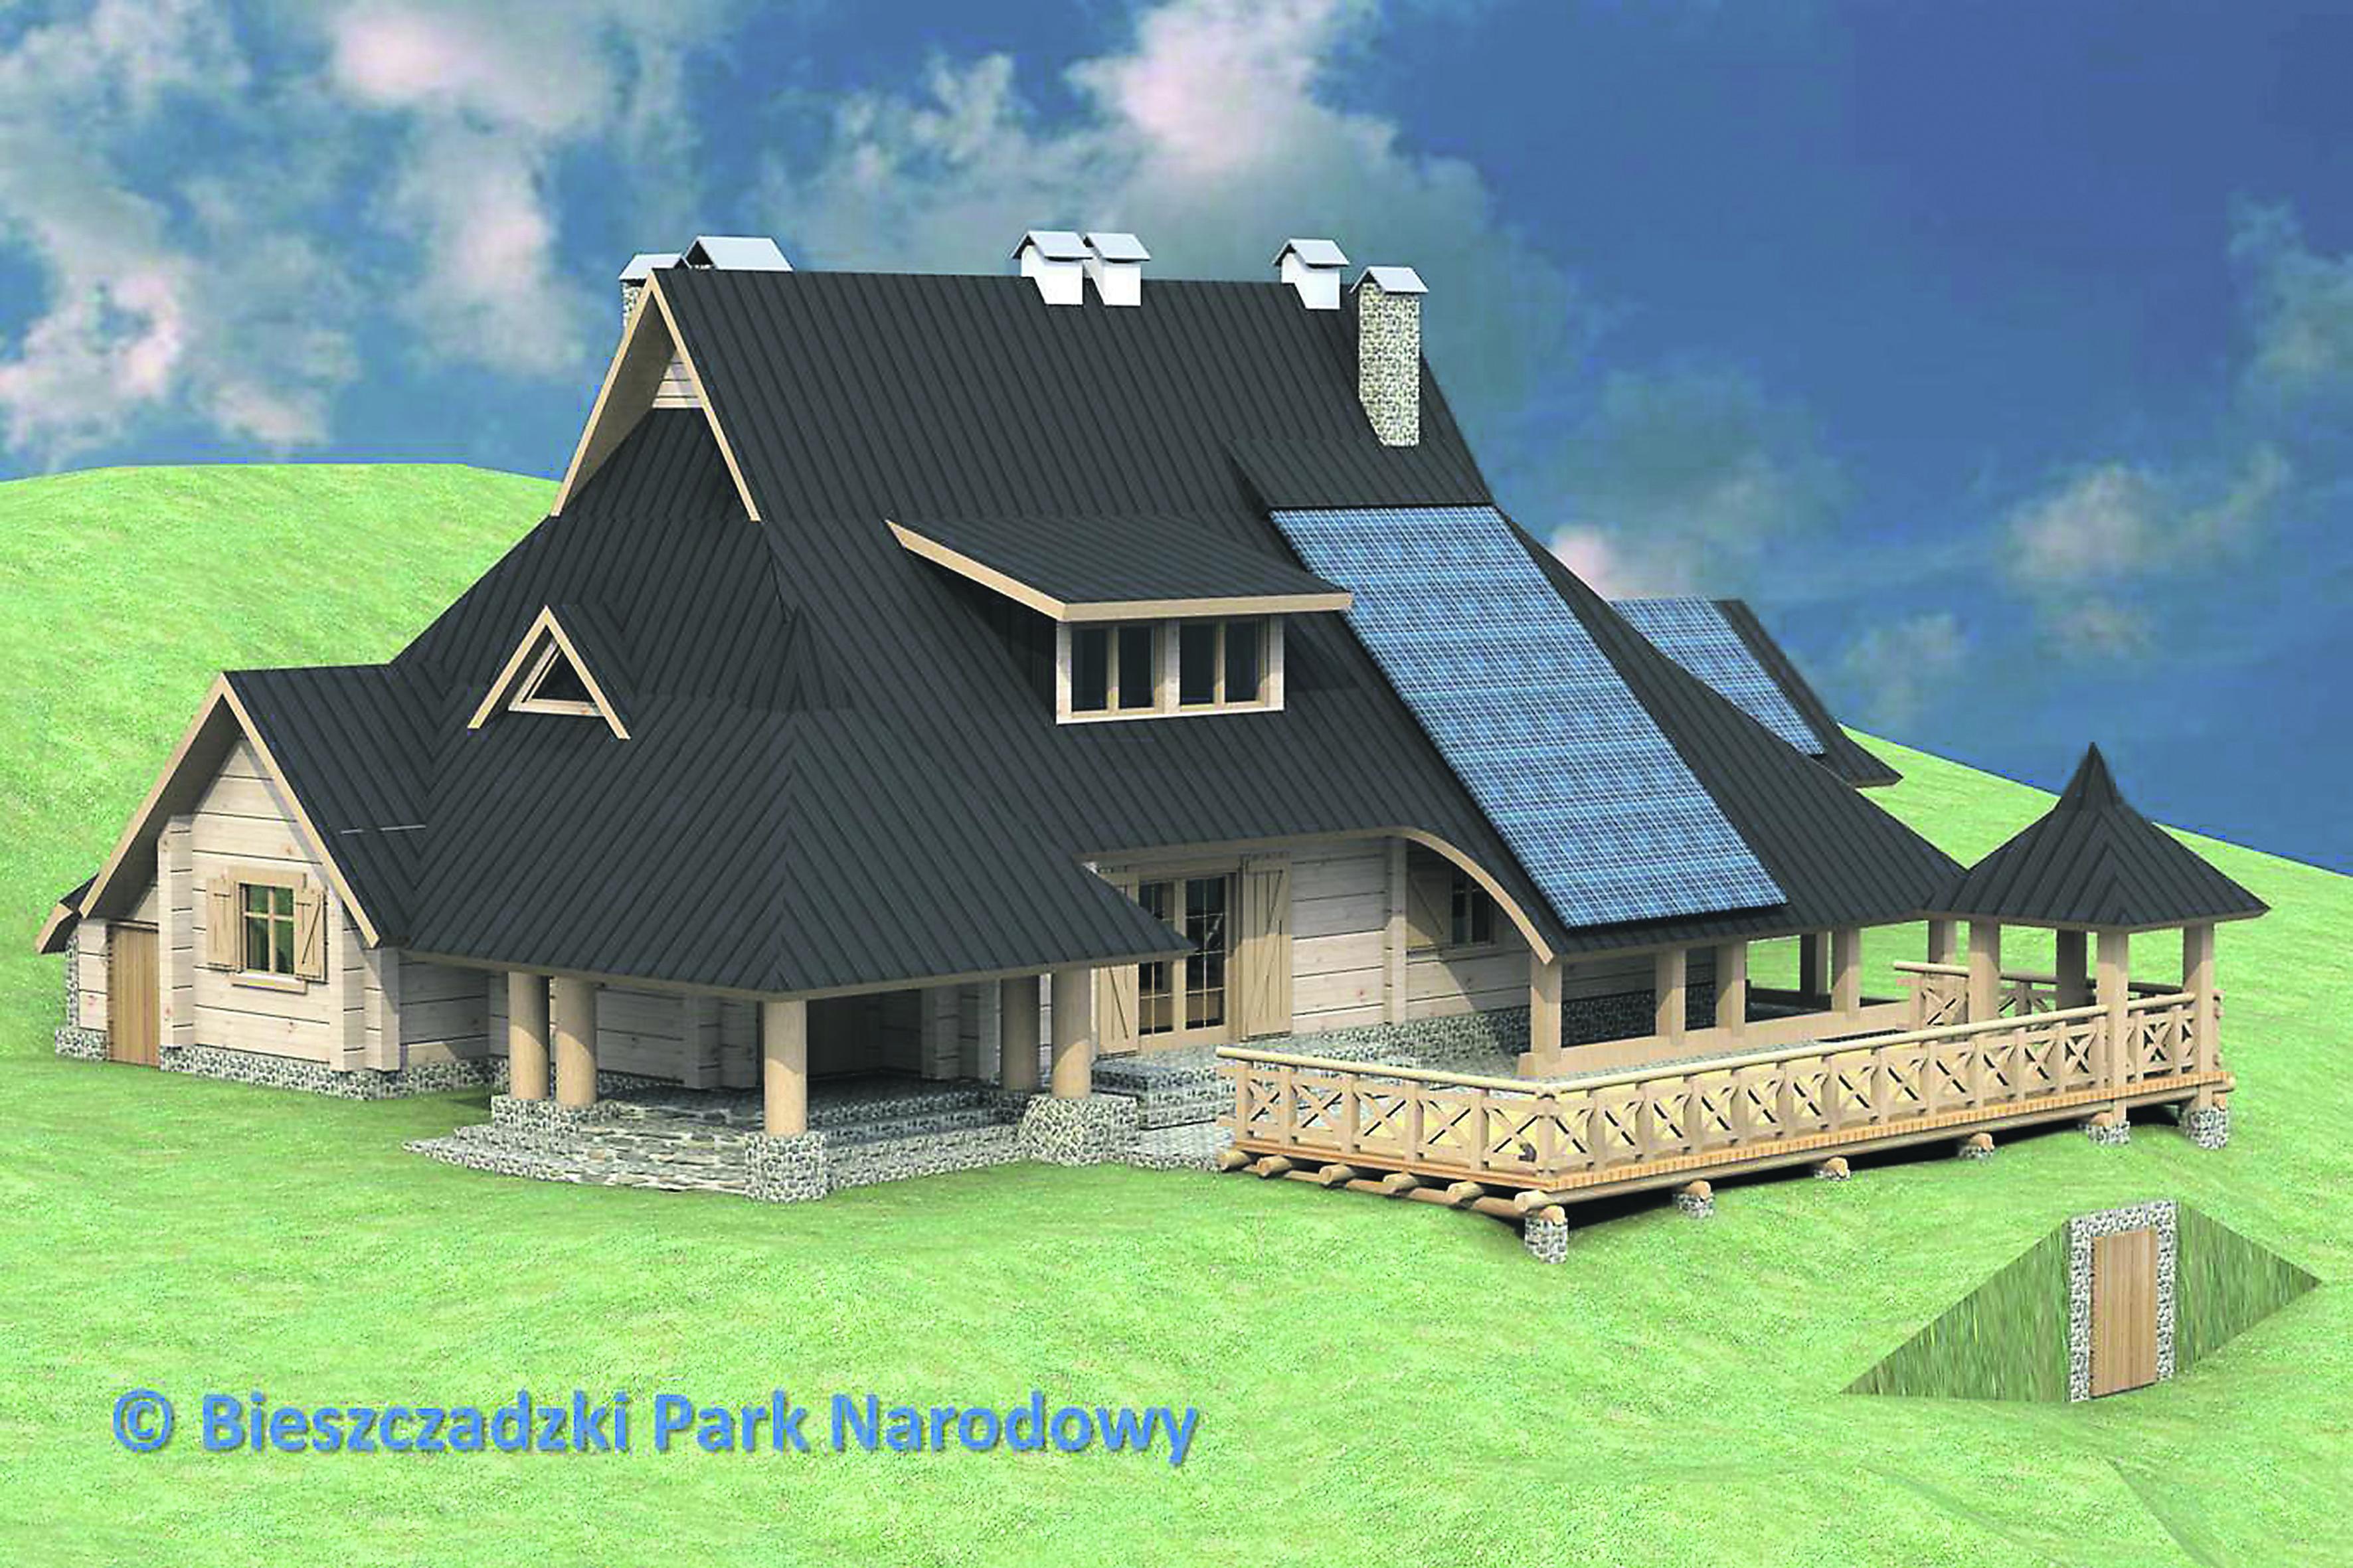 Z PODKARPACIA: Schronisko Chatka Puchatka, na szczycie Połoniny Wetlińskiej, zostanie przebudowane - Zdjęcie główne